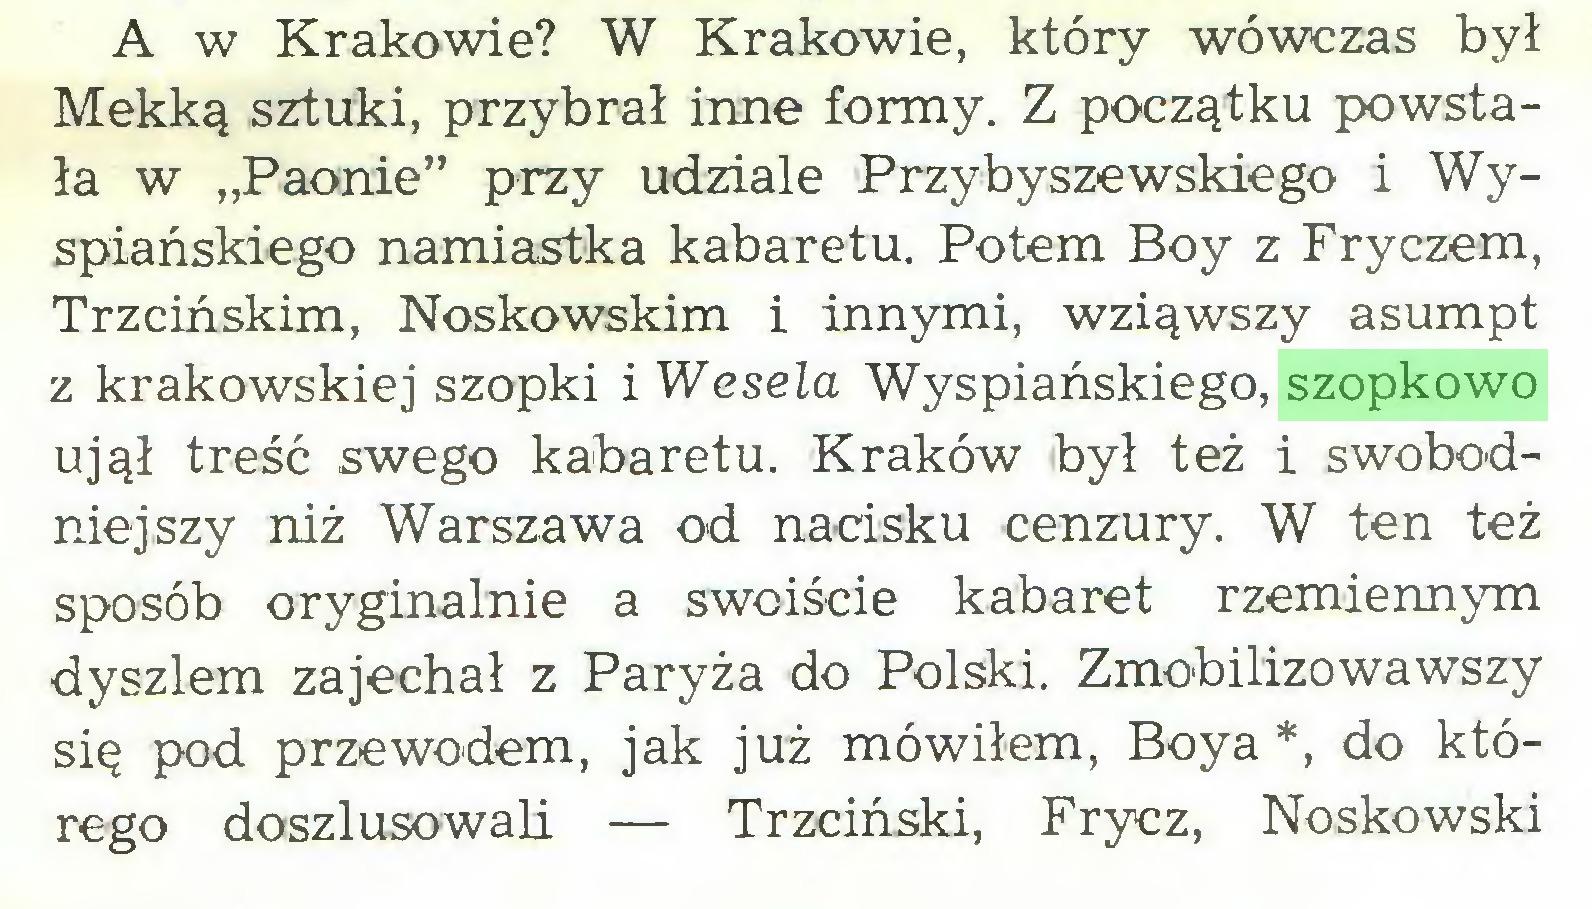 """(...) A w Krakowie? W Krakowie, który wówczas był Mekką sztuki, przybrał inne formy. Z początku powstała w """"Paonie"""" przy udziale Przybyszewskiego i Wyspiańskiego namiastka kabaretu. Potem Boy z Fryczem, Trzcińskim, Noskowskim i innymi, wziąwszy asumpt z krakowskiej szopki i Wesela Wyspiańskiego, szopkowo ujął treść swego kabaretu. Kraków był też i swobodniejszy niż Warszawa od nacisku cenzury. W ten też sposób oryginalnie a swoiście kabaret rzemiennym dyszlem zajechał z Paryża do Polski. Zmobilizowawszy się pod przewodem, jak już mówiłem, Boya *, do którego doszlusowali — Trzciński, Frycz, Noskowski..."""